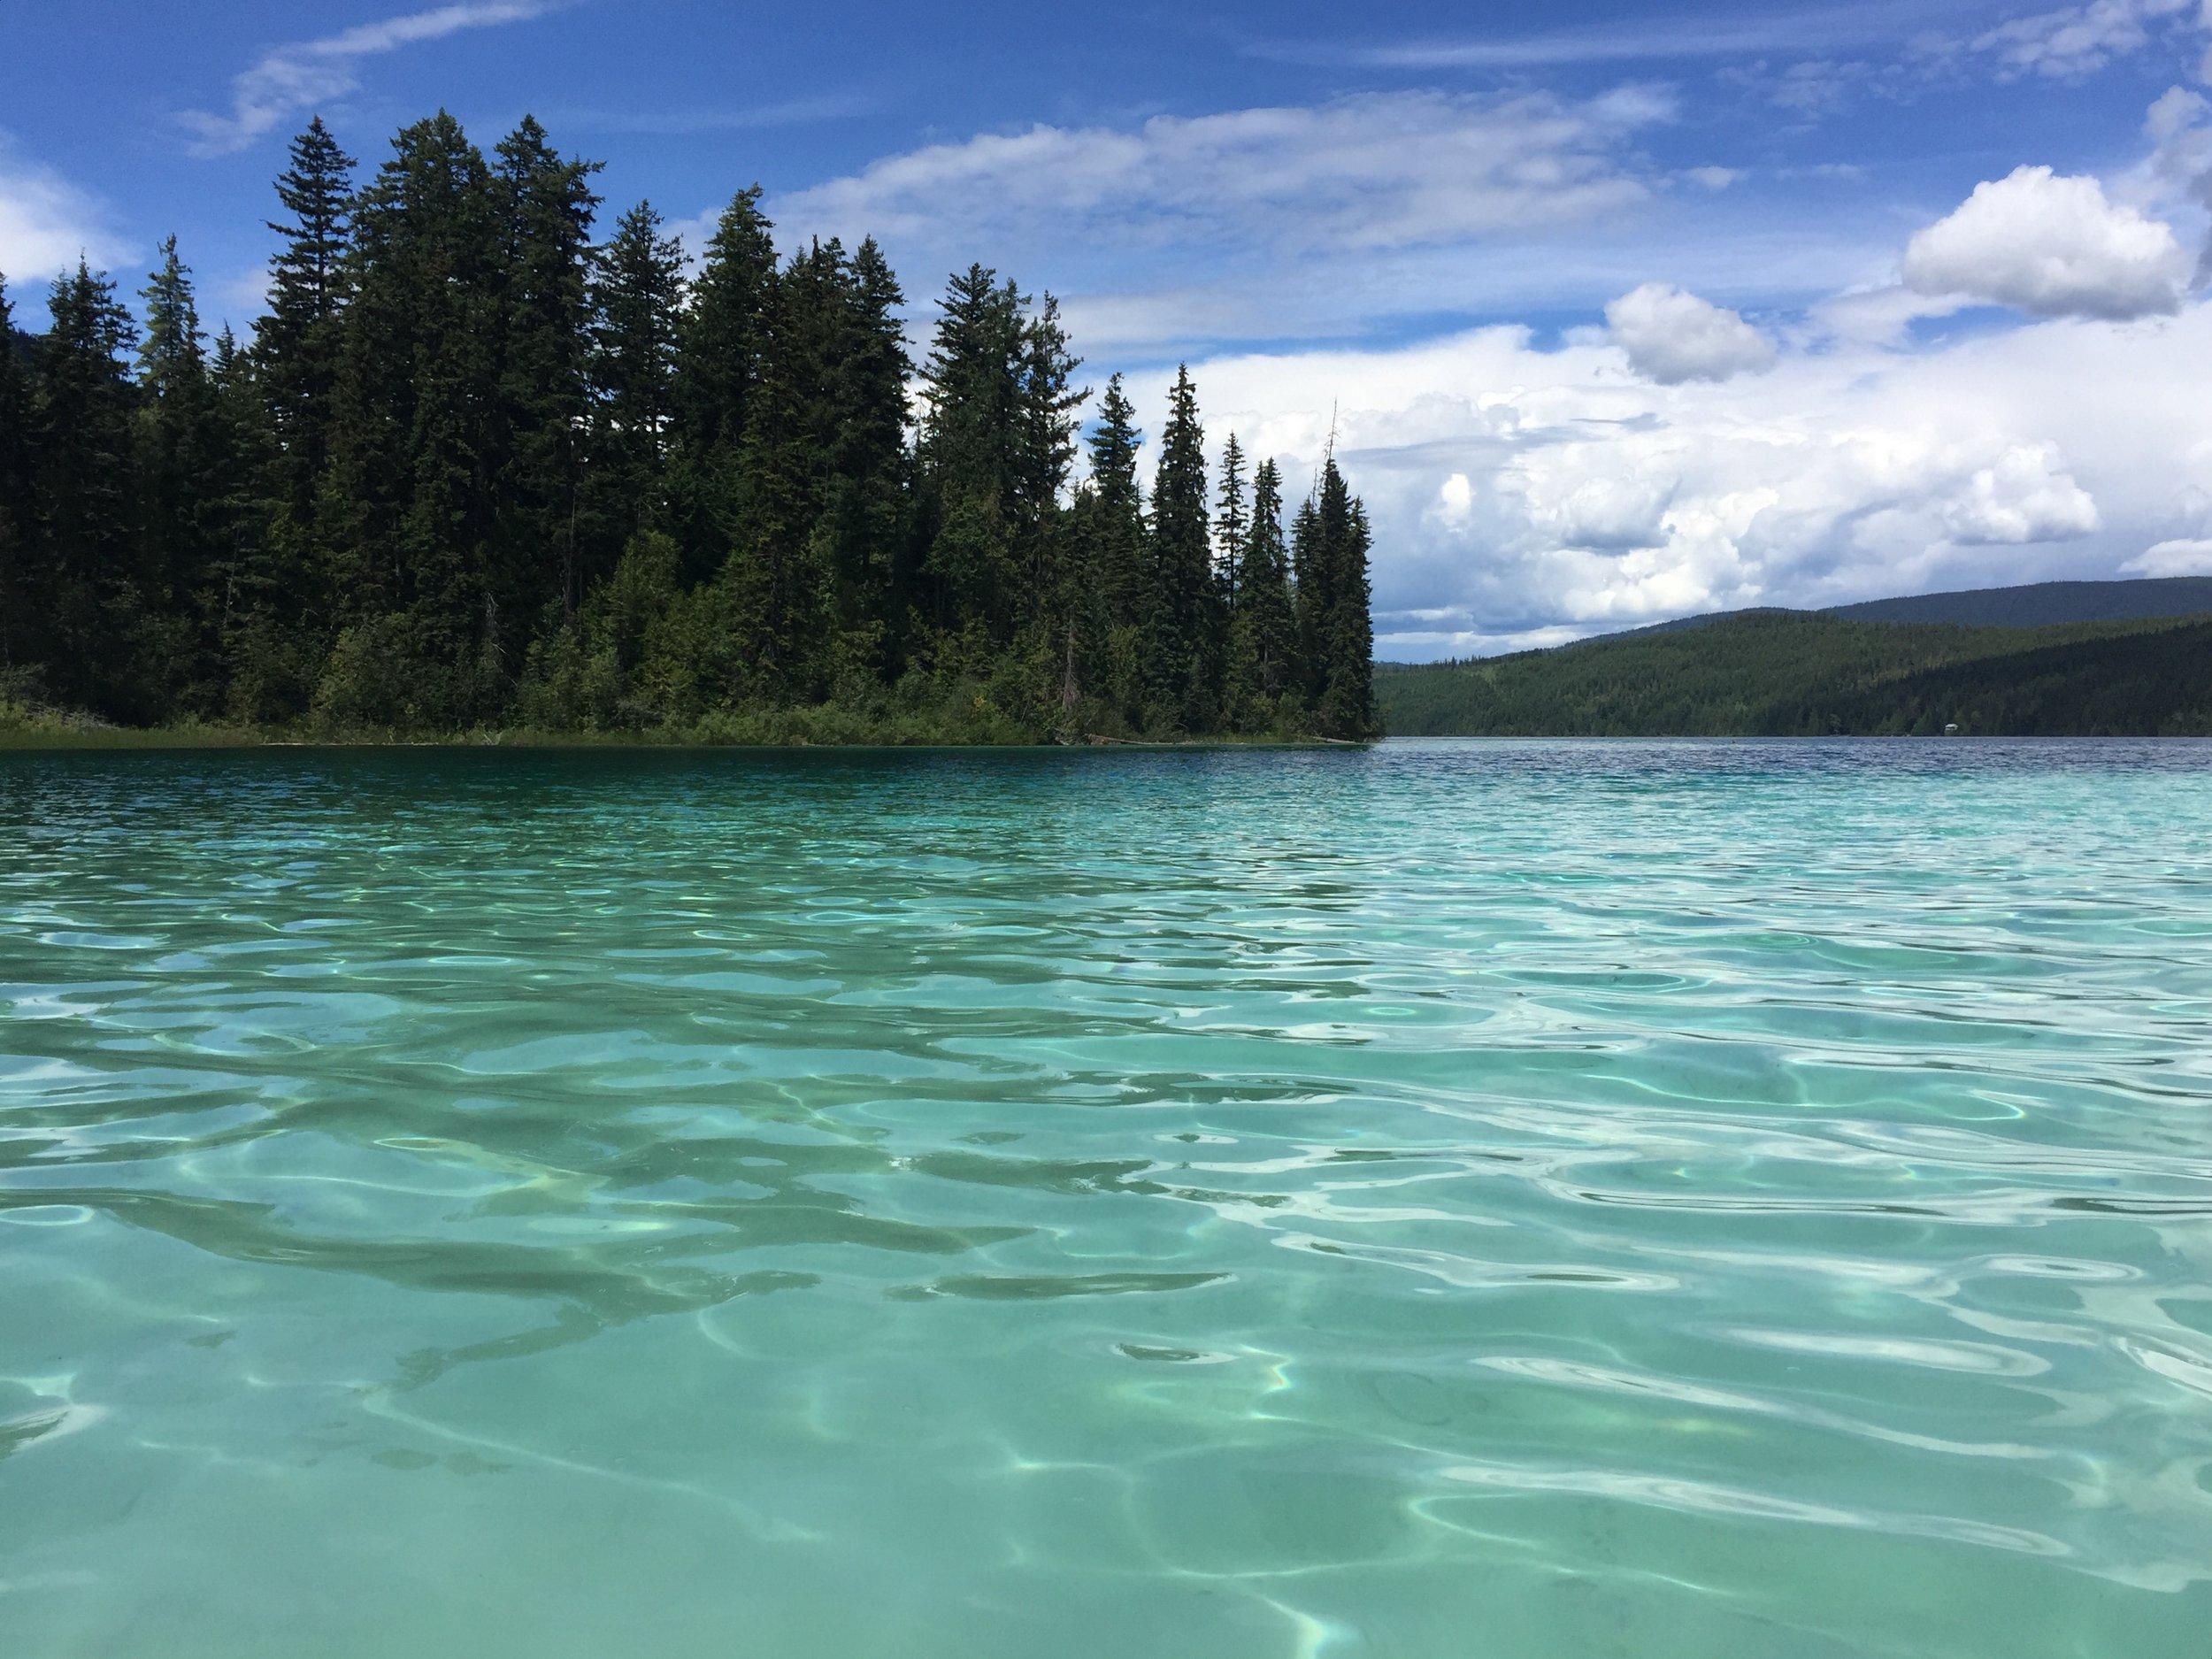 Johnson Lake,Thompson-Nicola